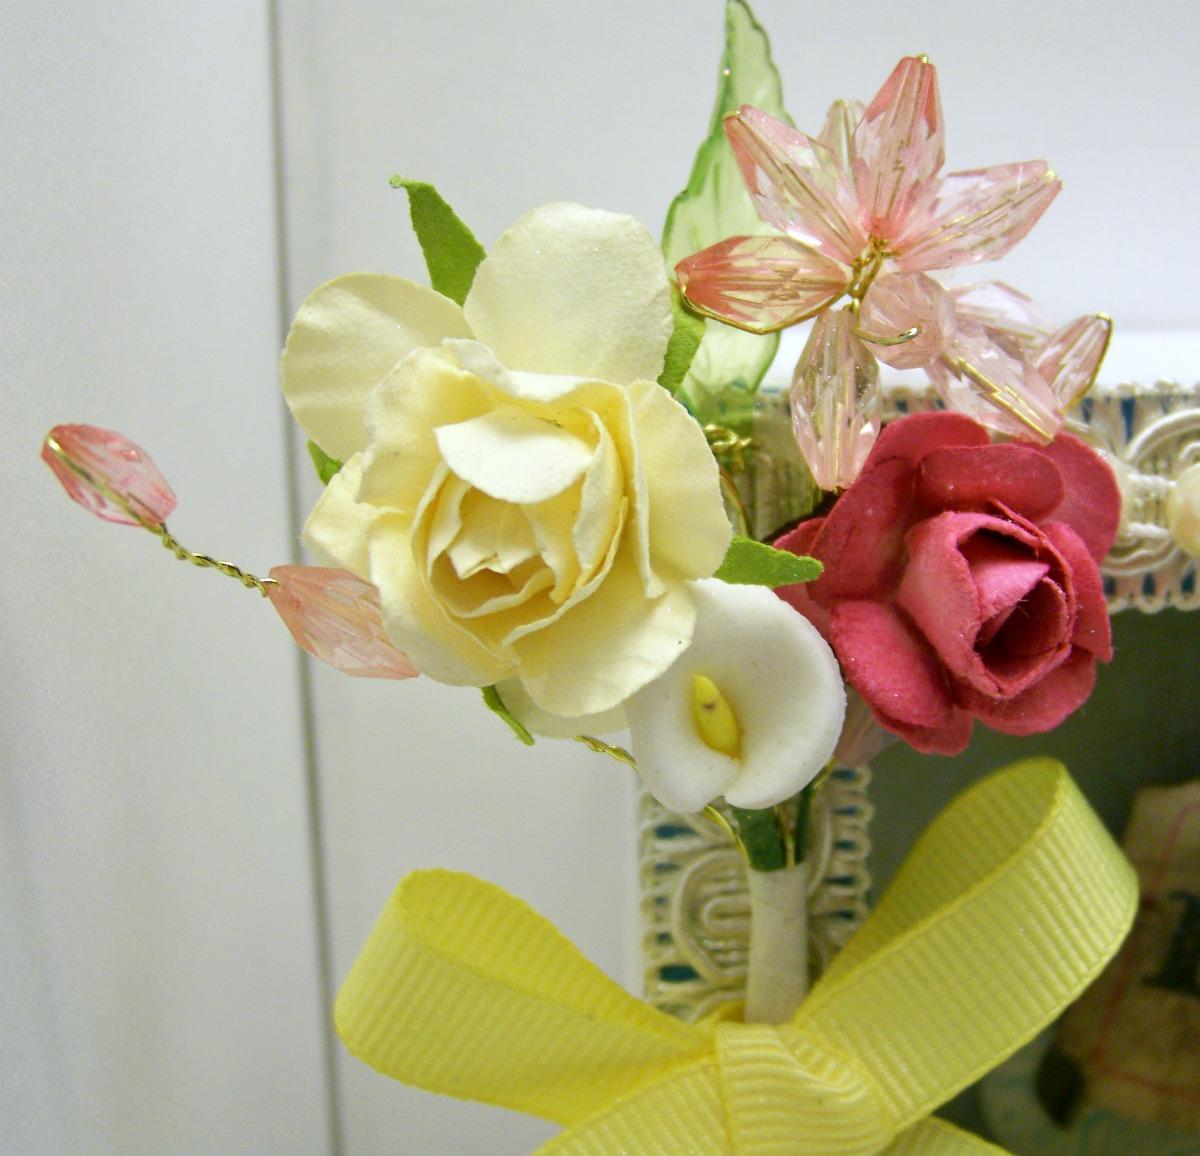 http://3.bp.blogspot.com/-uW5_9CwV59s/T3fKR7ZYqlI/AAAAAAAABKI/IhQxEeUiBBE/s1600/ja6.jpg